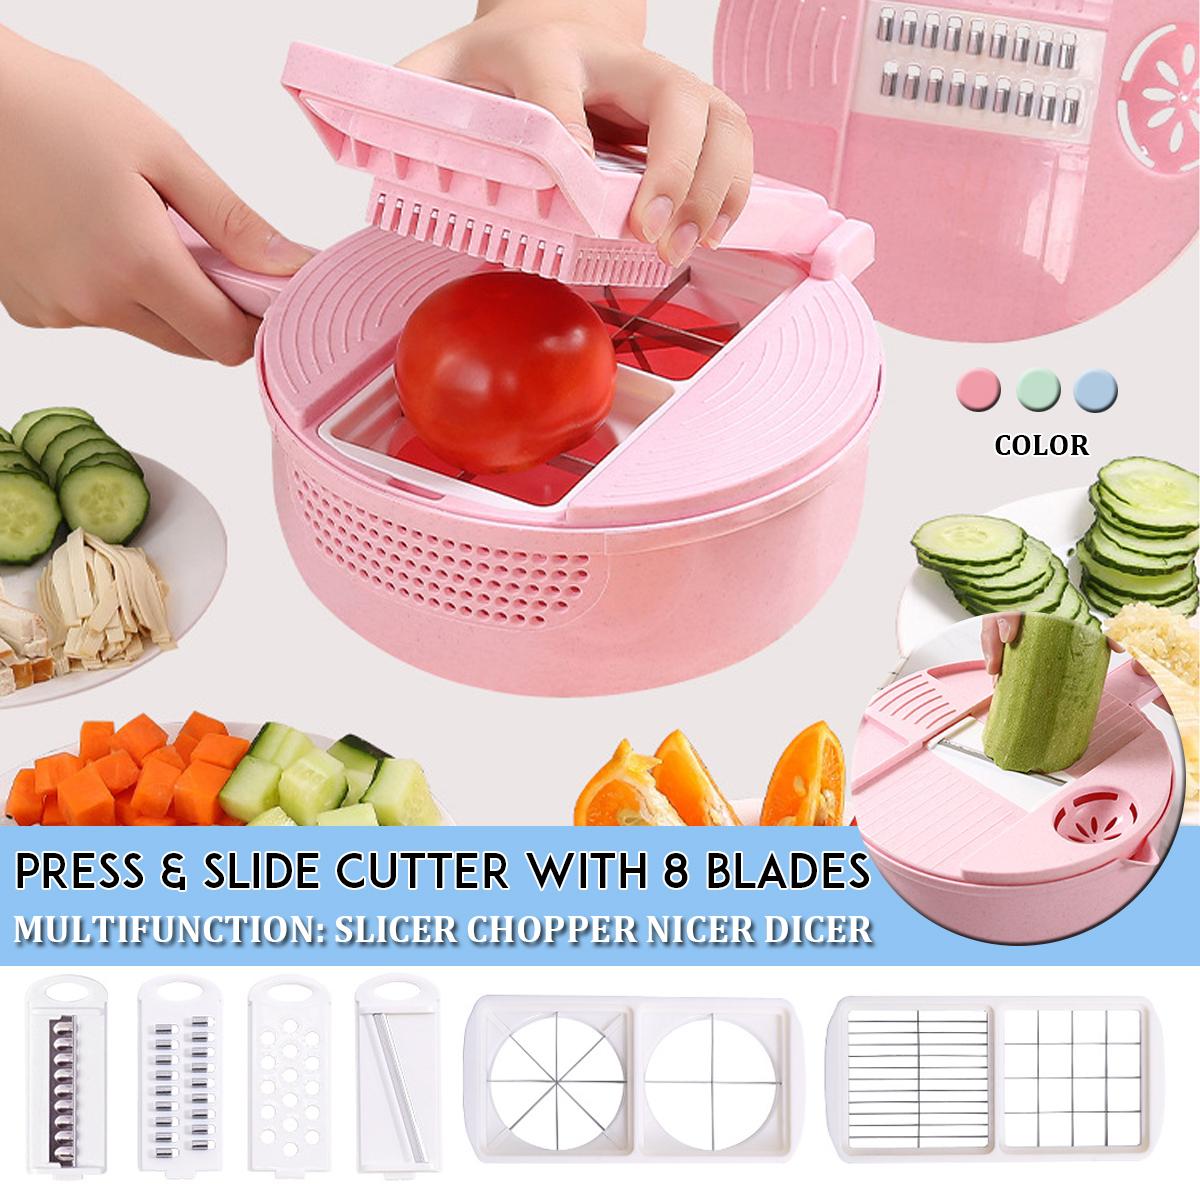 9 В 1 Многофункциональный Easy Food Chopper Cutter Овощерезка Блендер Измельчитель Slicer - фото e62cf94f-bdd7-49d5-ba7b-7227532dbcb6.jpg